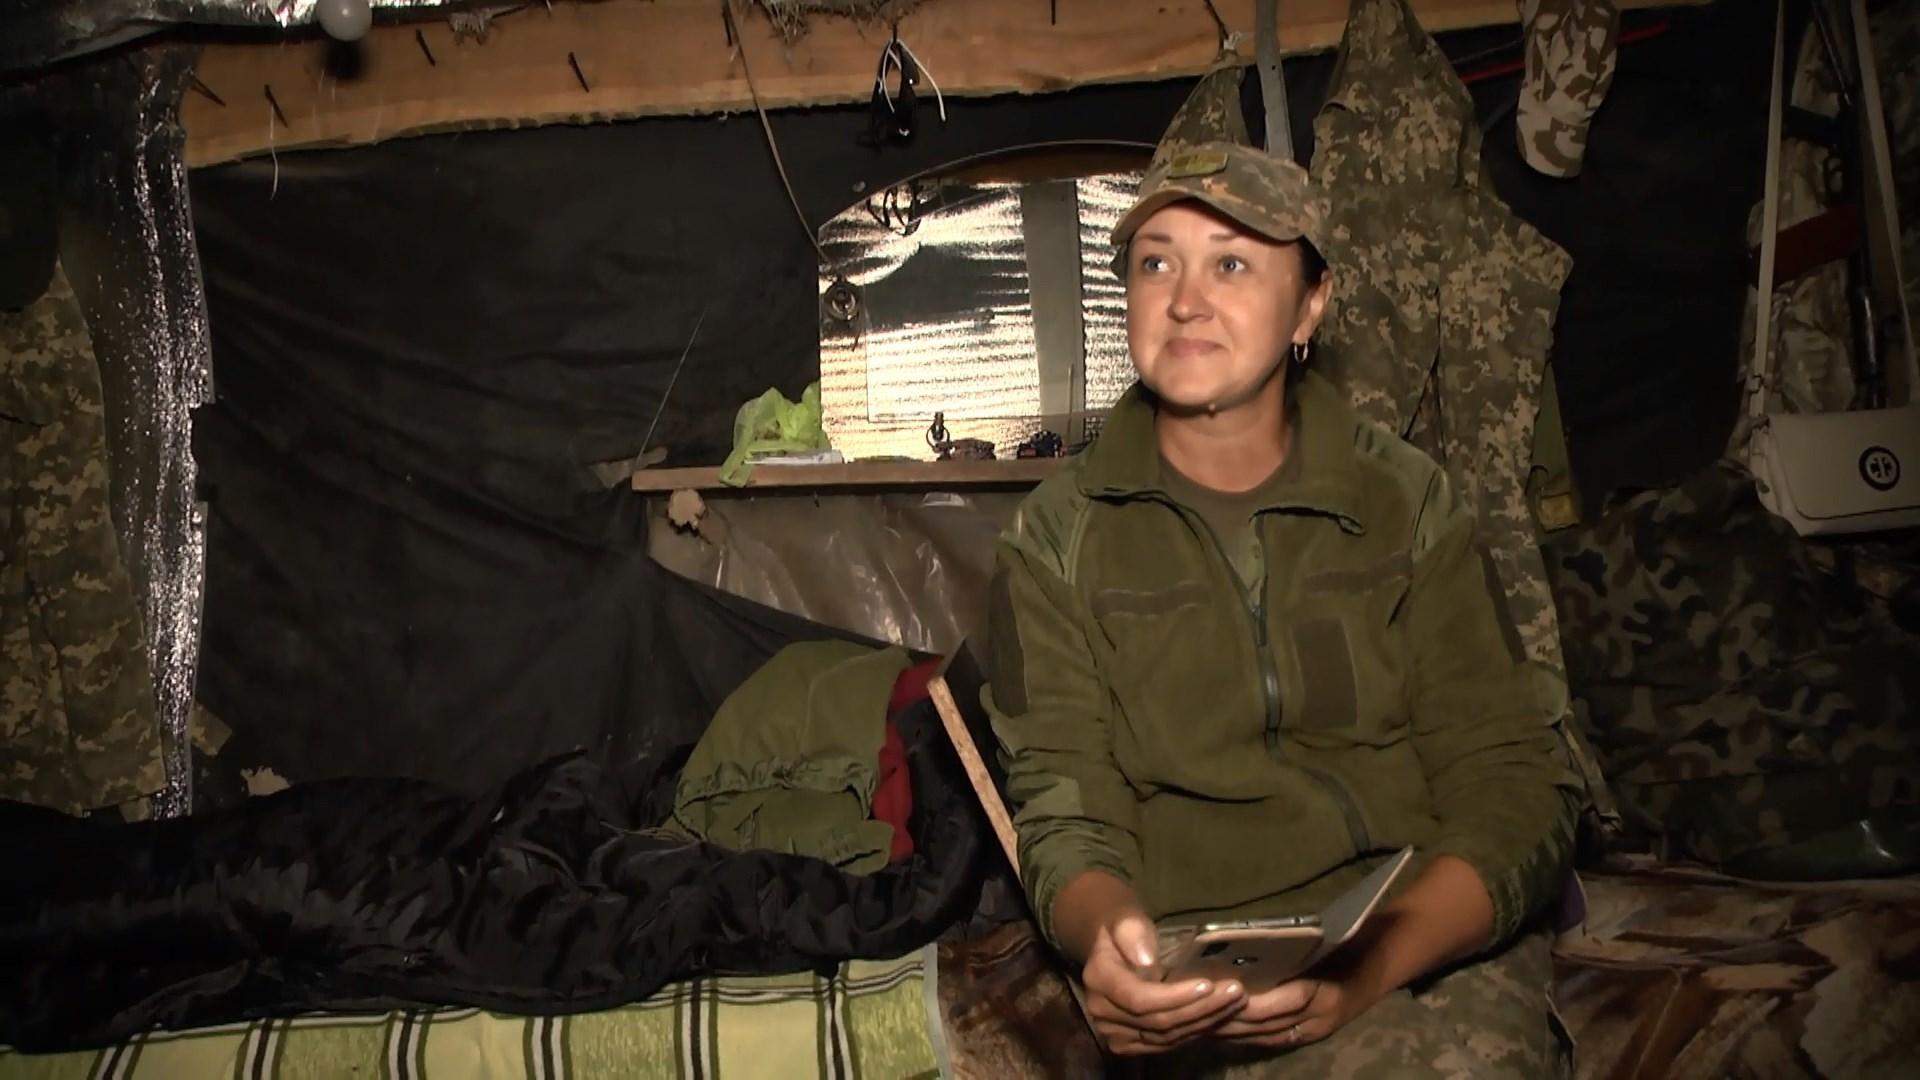 Защита страны как семейный долг: история женщины, которая на фронте встретила свою любовь - Новости Украина - 24 Канал